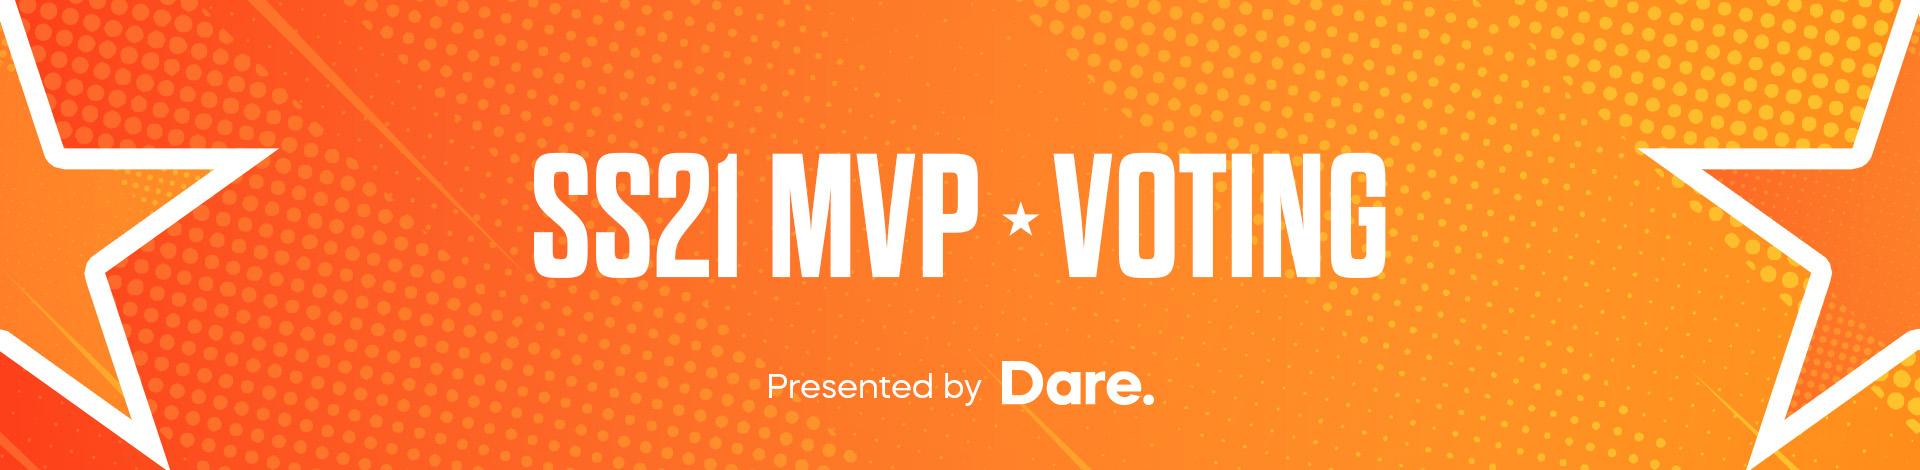 TTSS MVP 2019 Vote